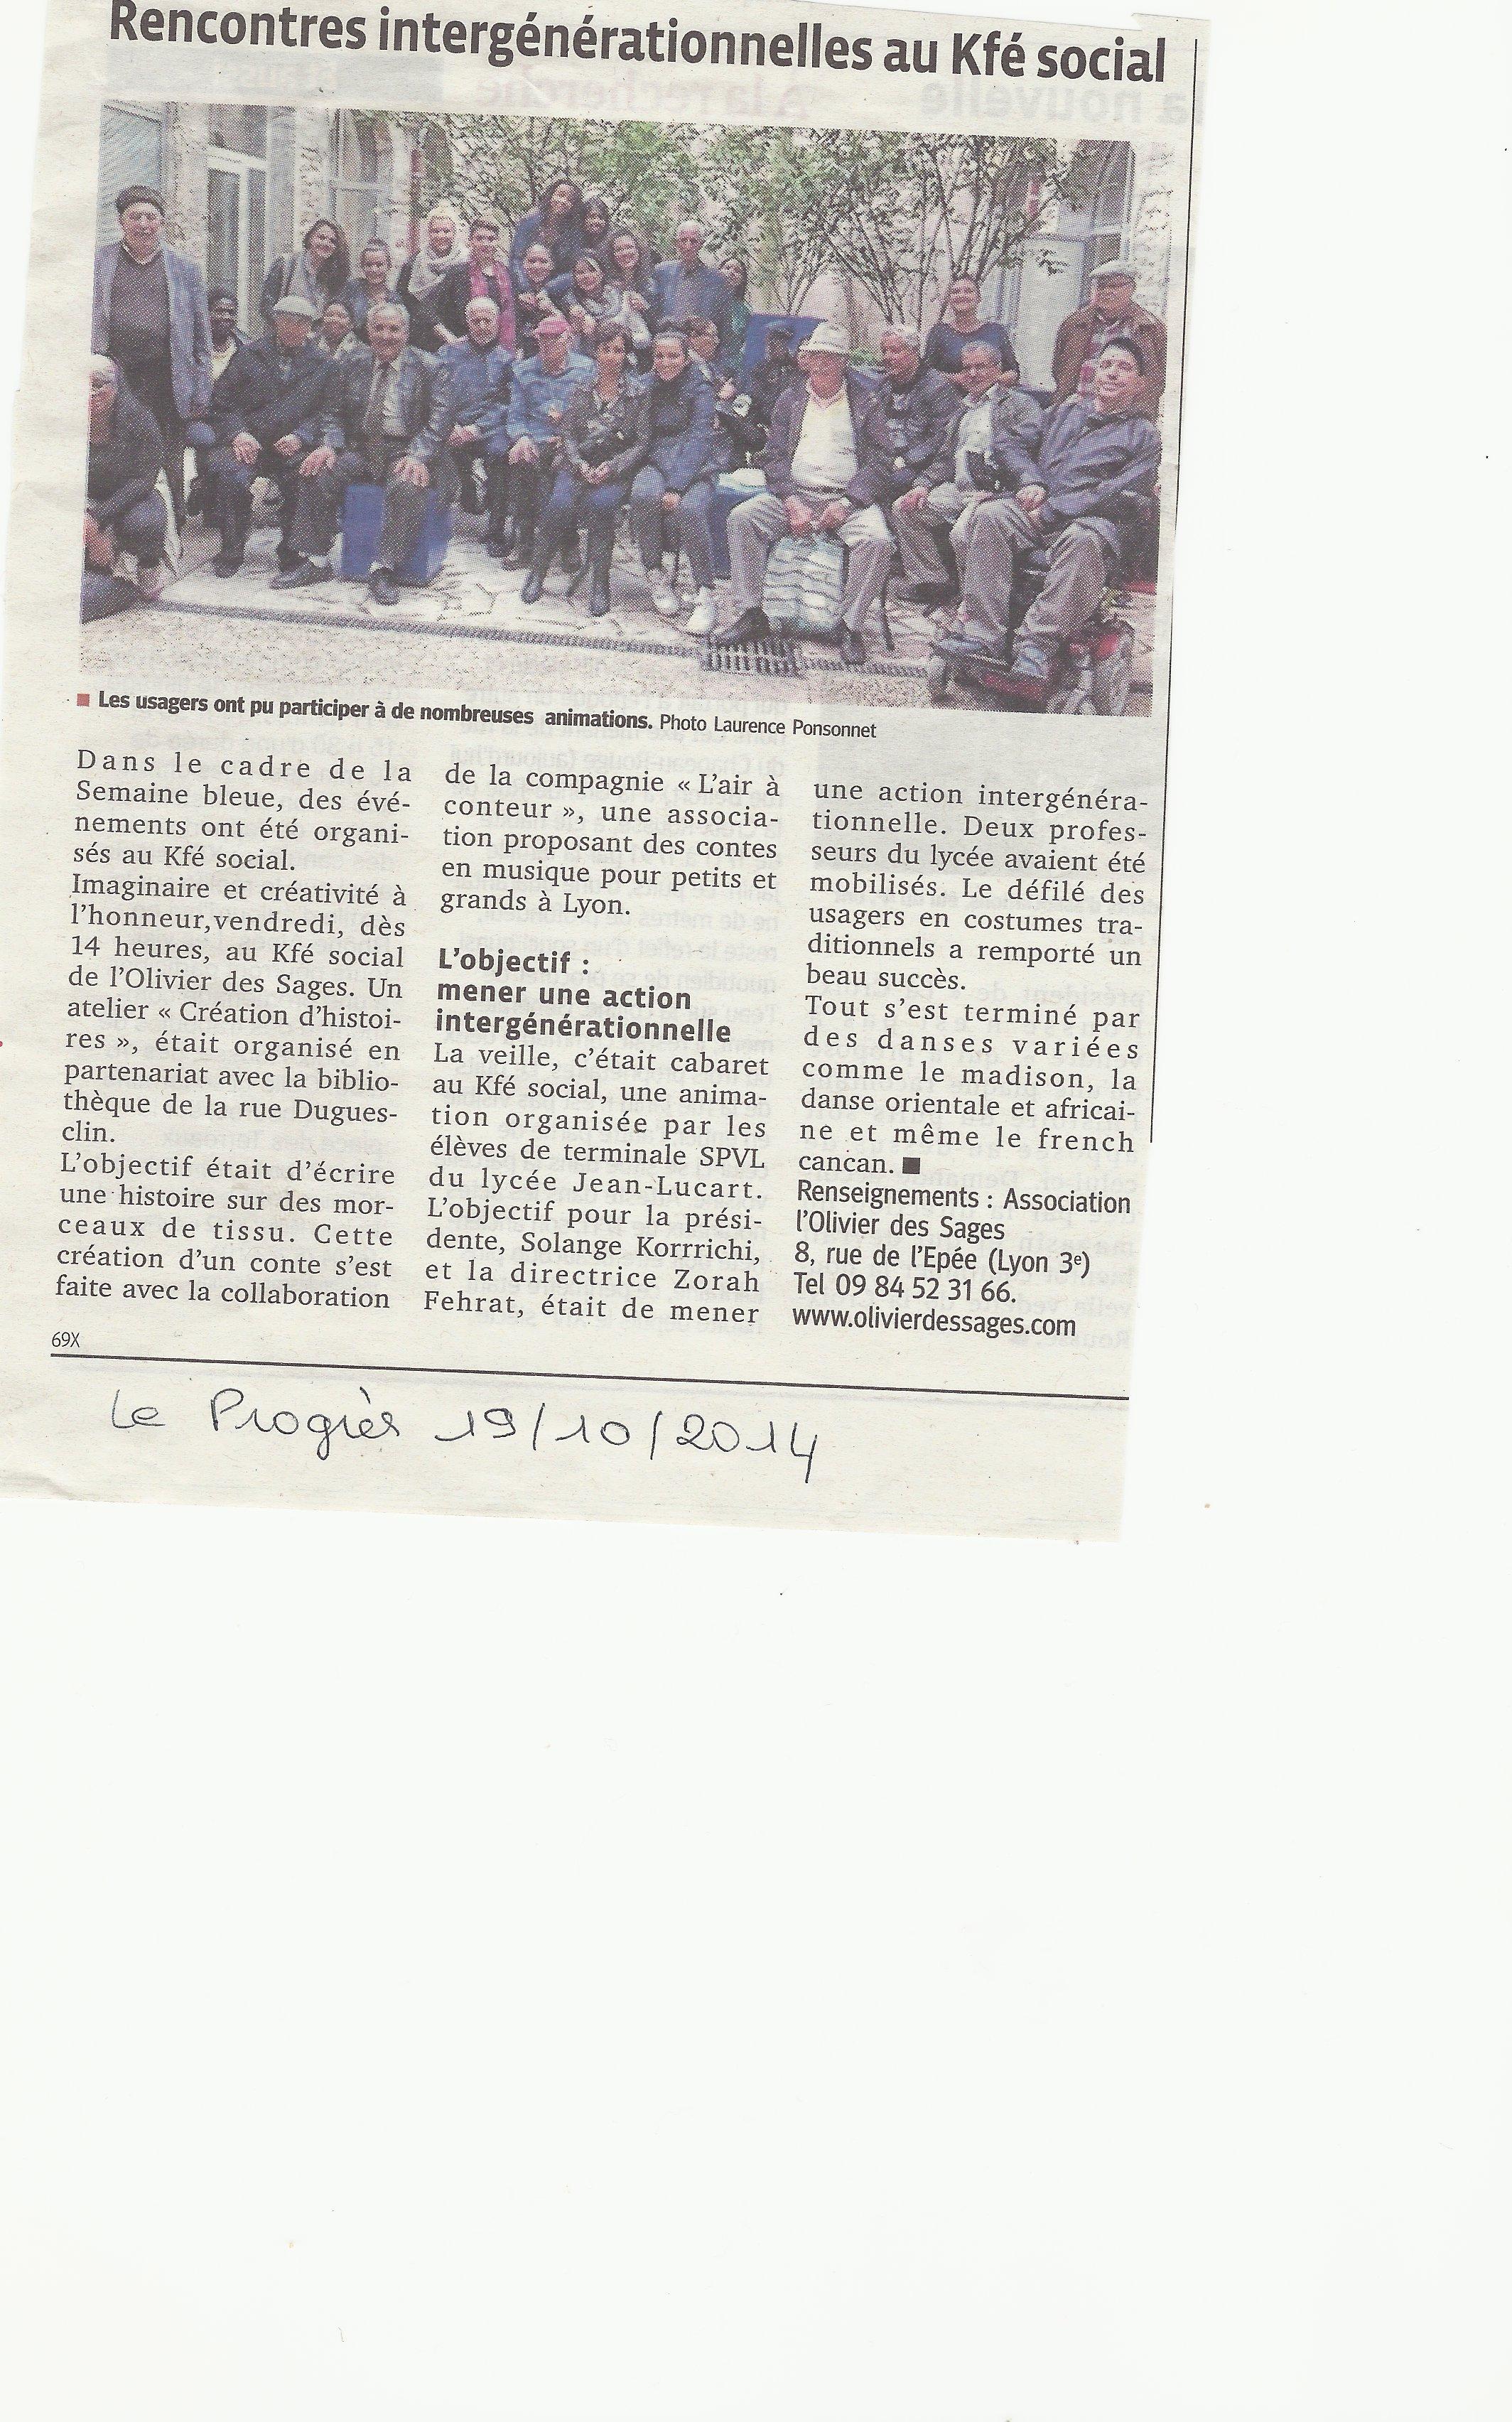 Le Progrès 19.10.2014